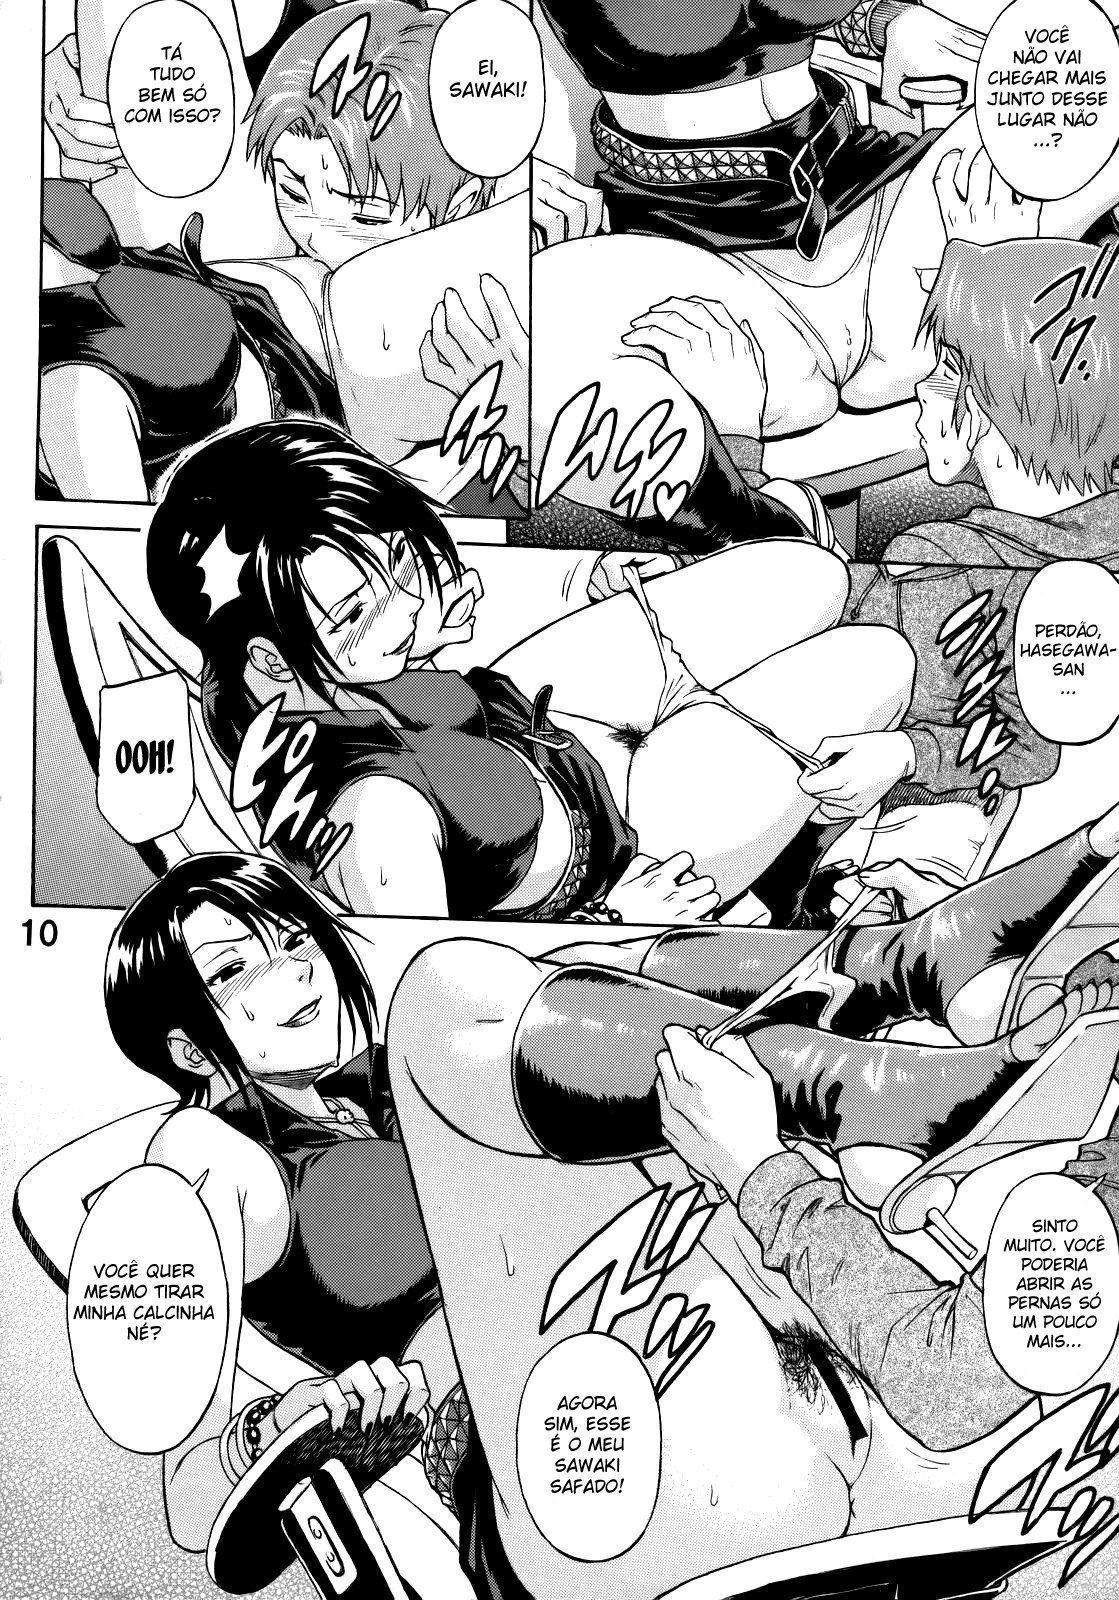 HentaiHome-Estreando-o-virgem-pervertido-9